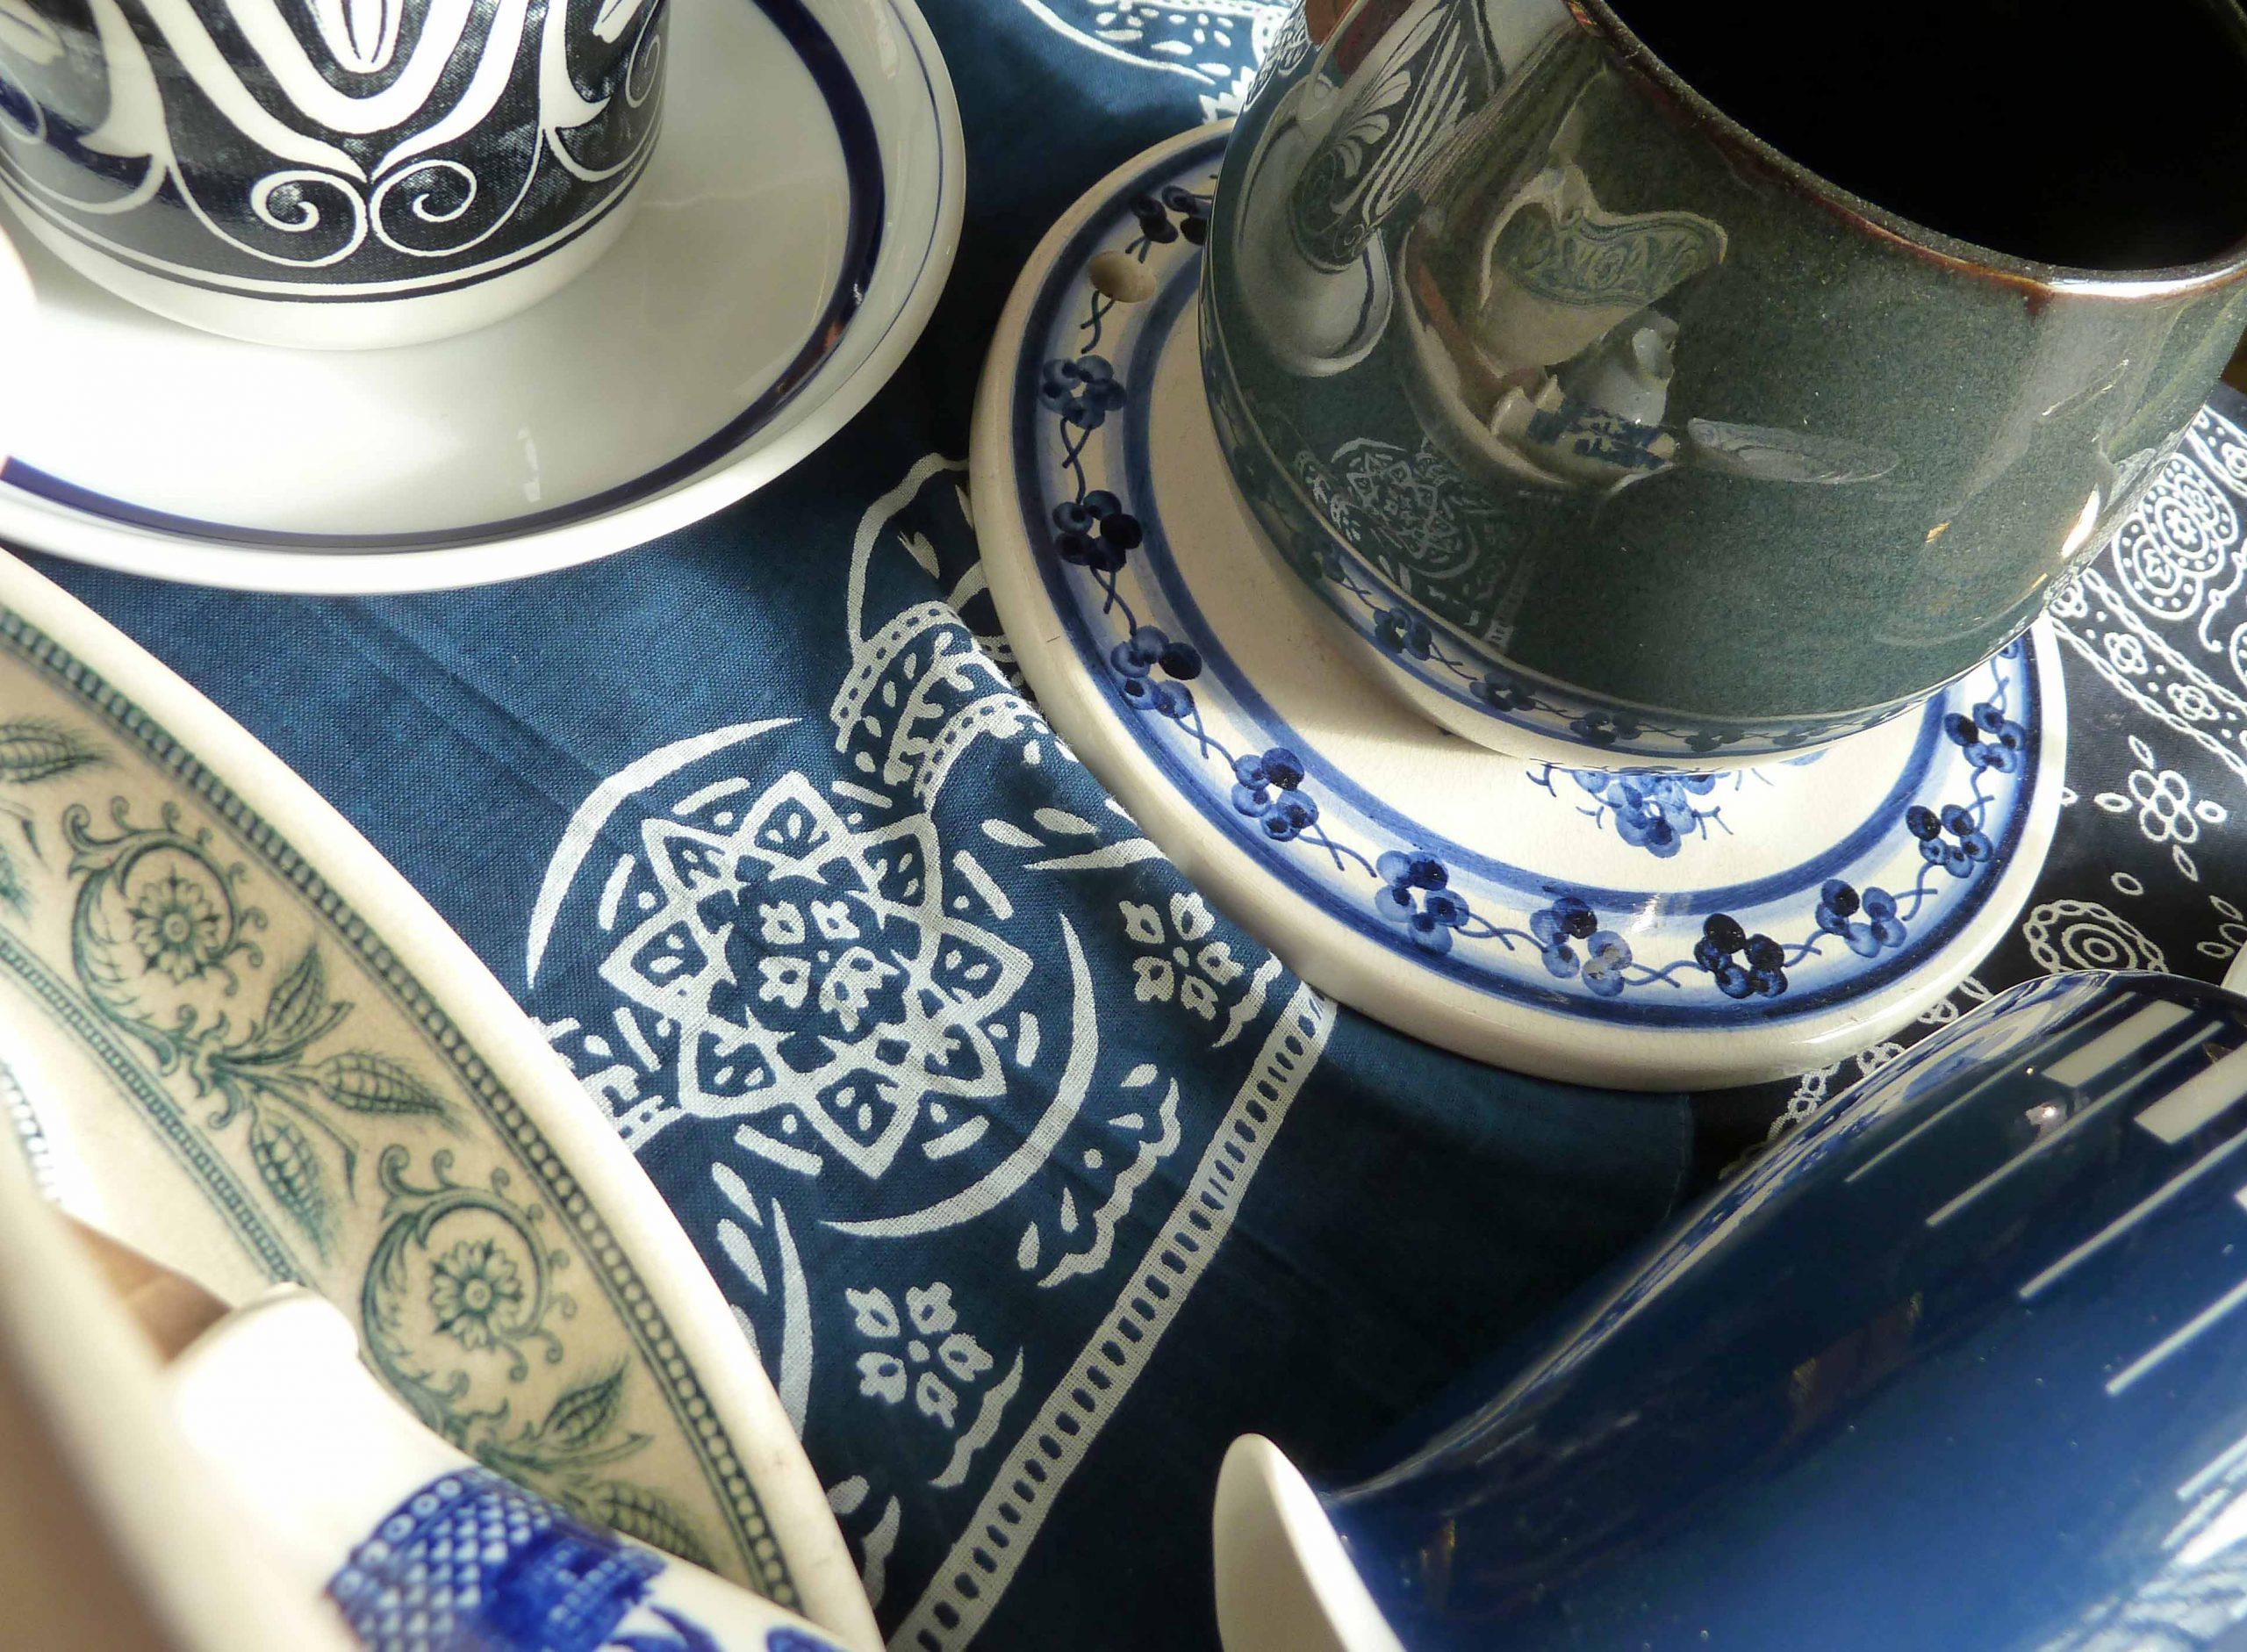 Spiegelungen in marineblauem Porzellan